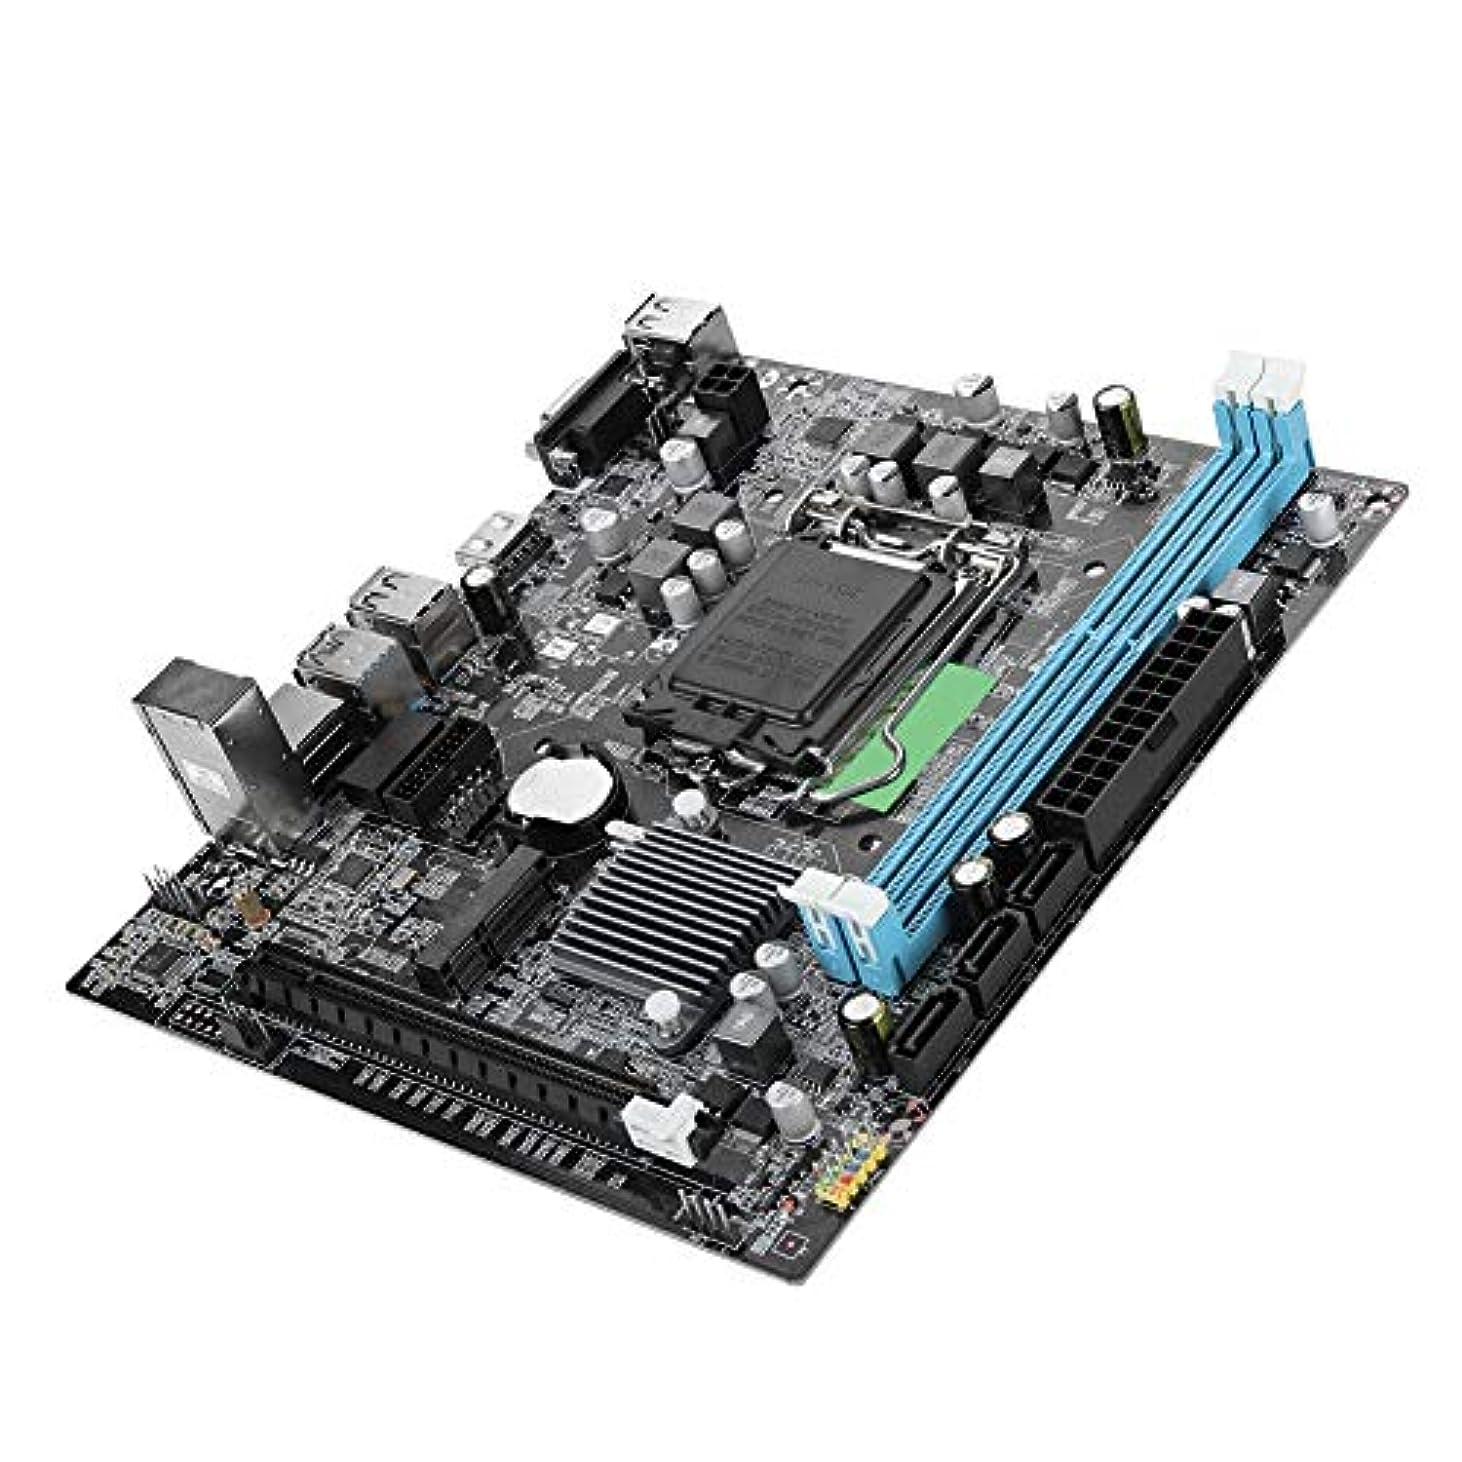 韓国さわやかシングルASHATA DDR3 コンピューターマザーボード、デスクトップコンピュータマザーボード LGA 1151 DDR3 USB3.0 SATA メインボード M-SATAインターフェース、フロントとリア デュアルUSB3.0インターフェース